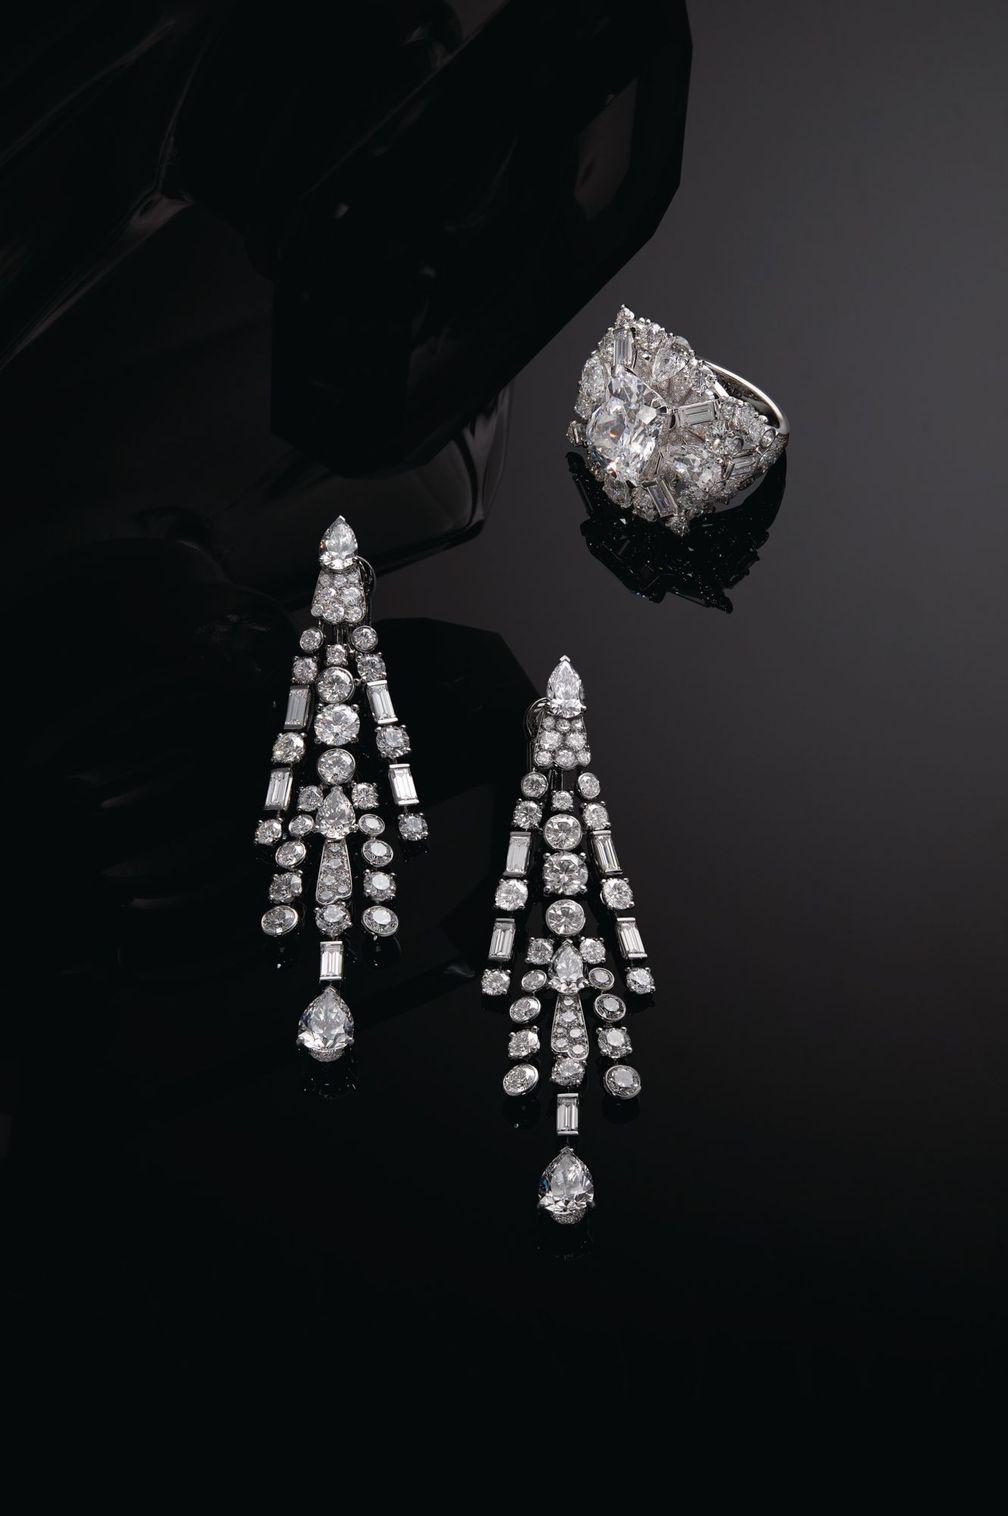 Chanel No 5: познакомьтесь с человеком, ответственным за ожерелье с бриллиантом весом 55,55 карата